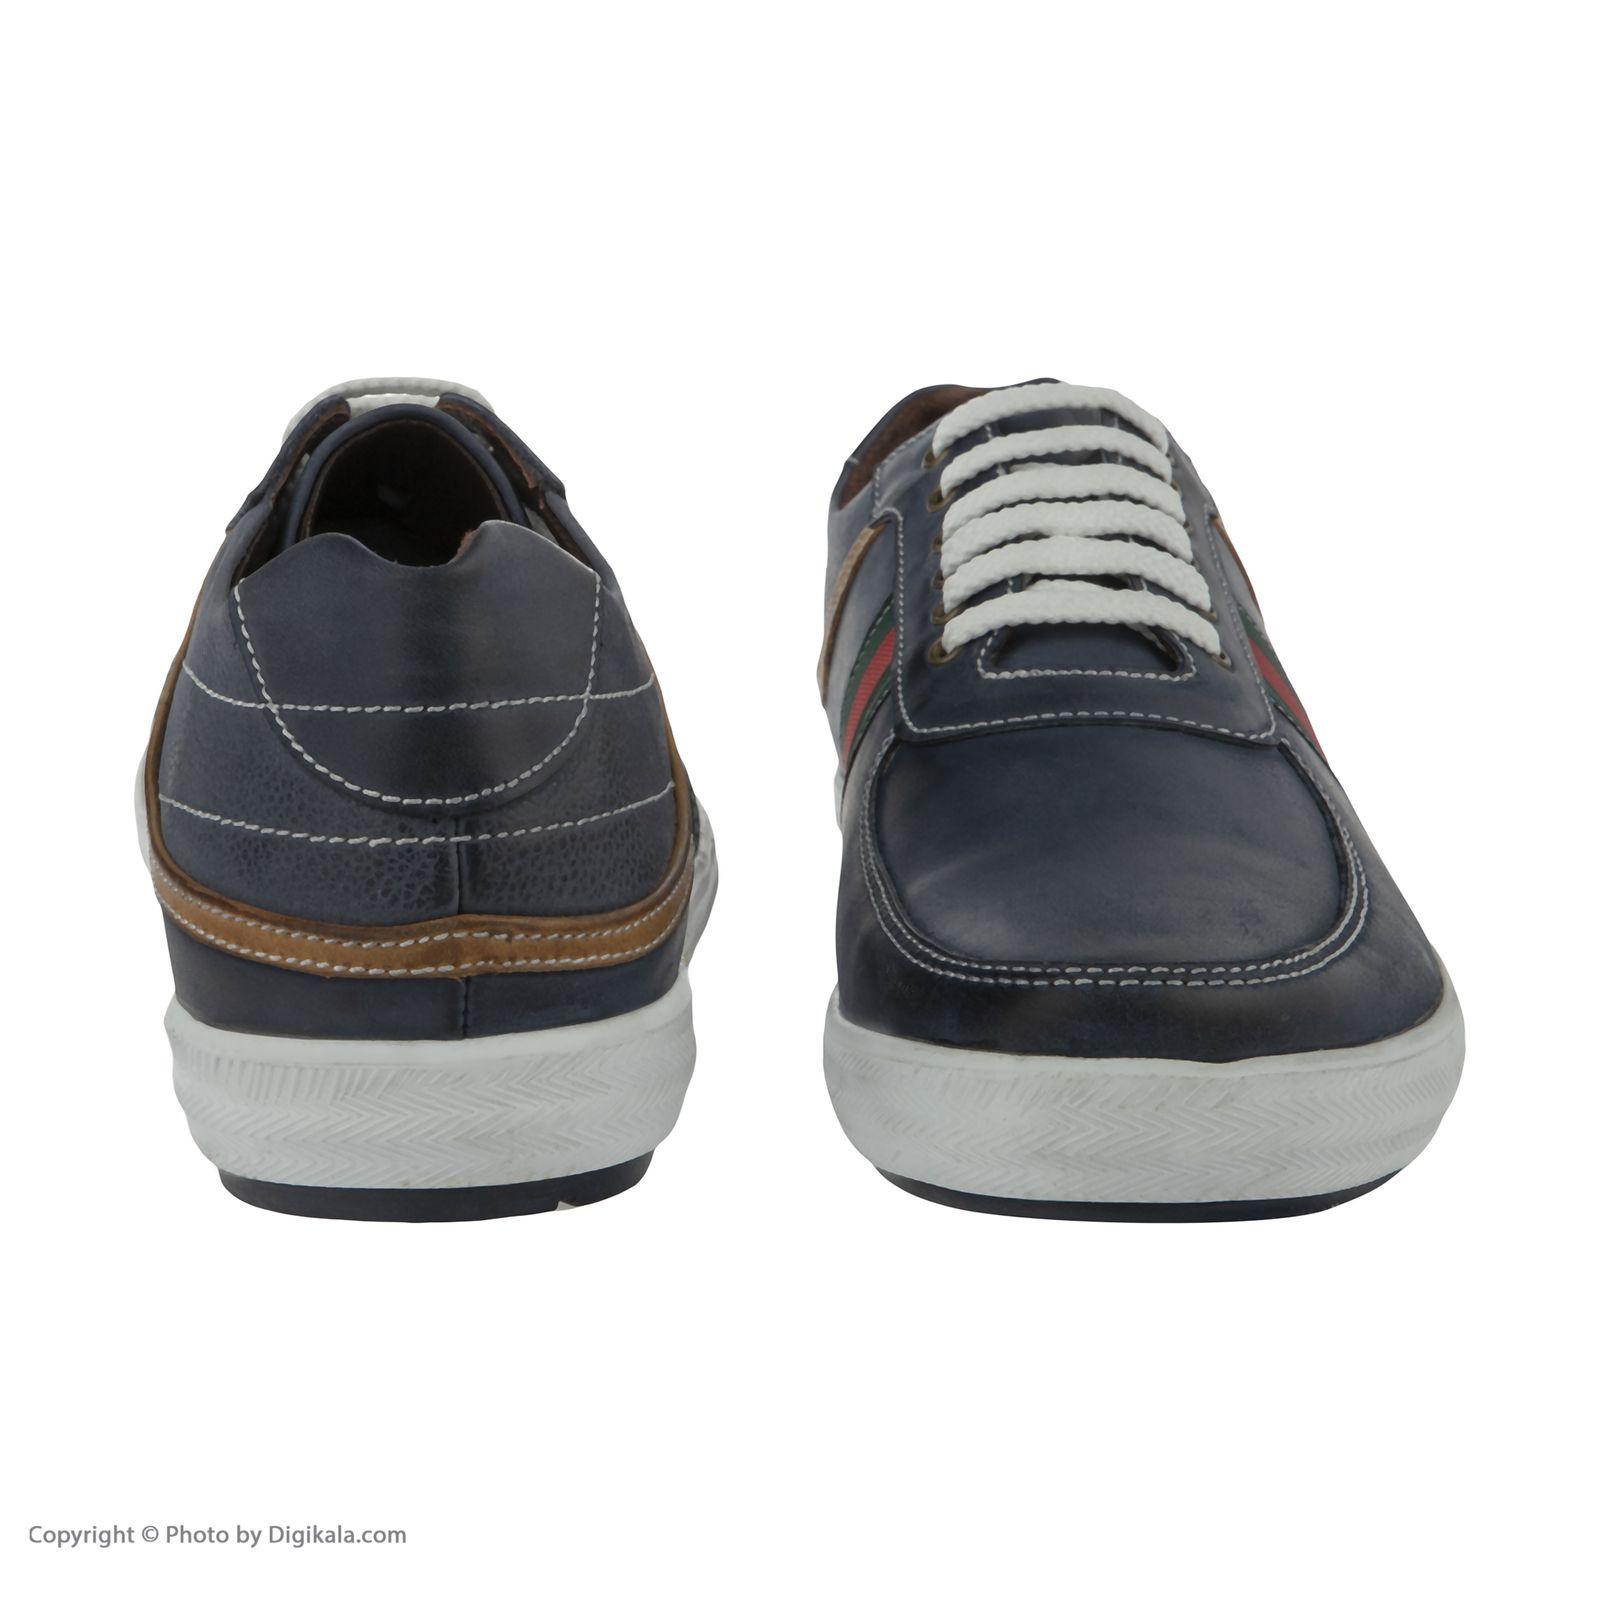 کفش روزمره مردانه سوته مدل 5054A503103 -  - 6